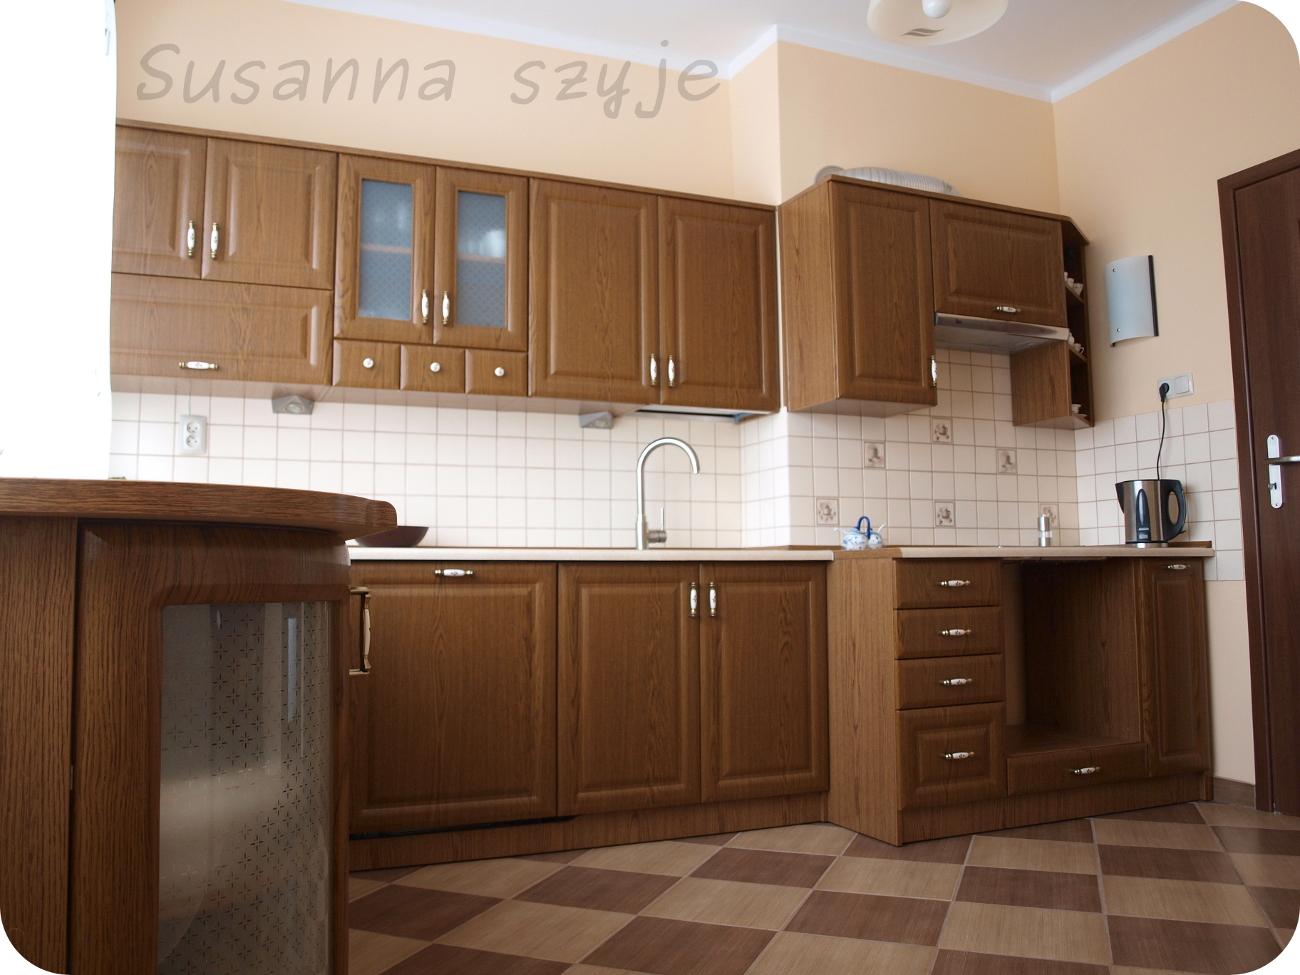 Susanna Szyje Nowa Kuchnia Za 138 Zl